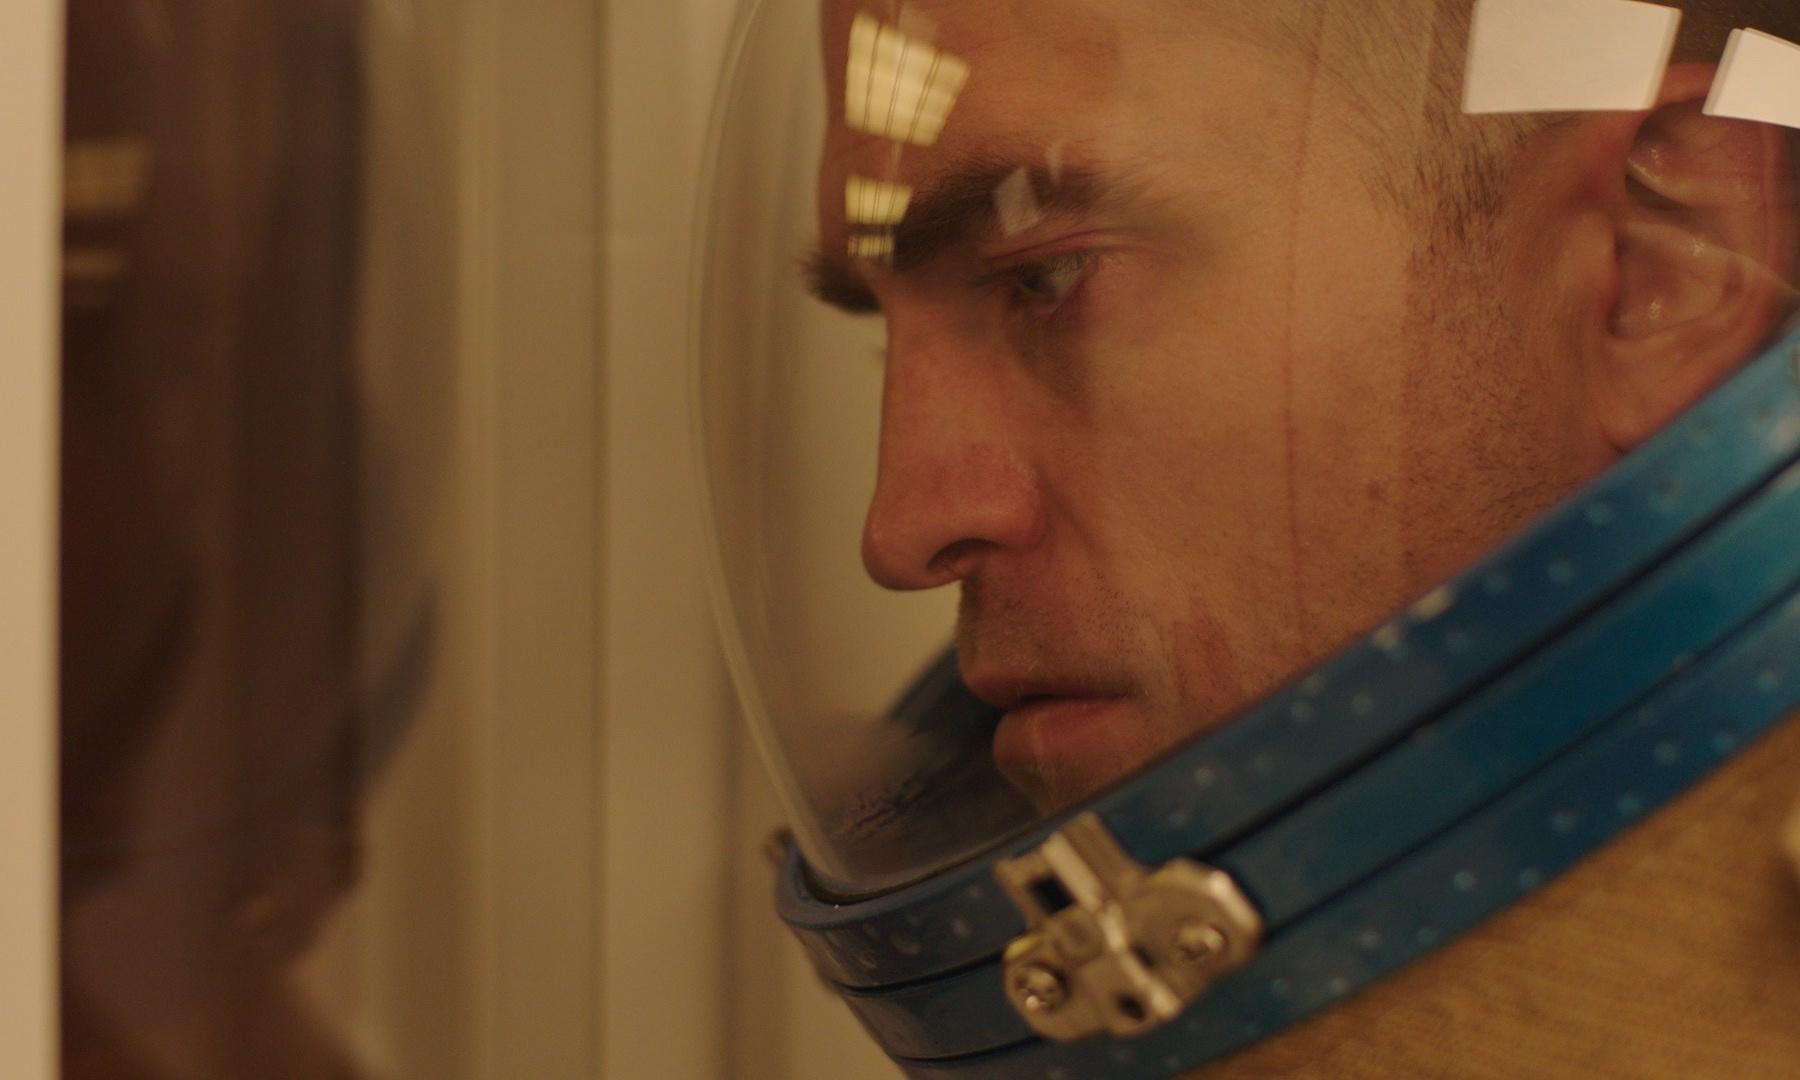 《暮光之城》羅伯派汀森首部科幻太空片《High Life》!一群死刑犯被送上太空進行「繁殖實驗」劇情超黑暗!